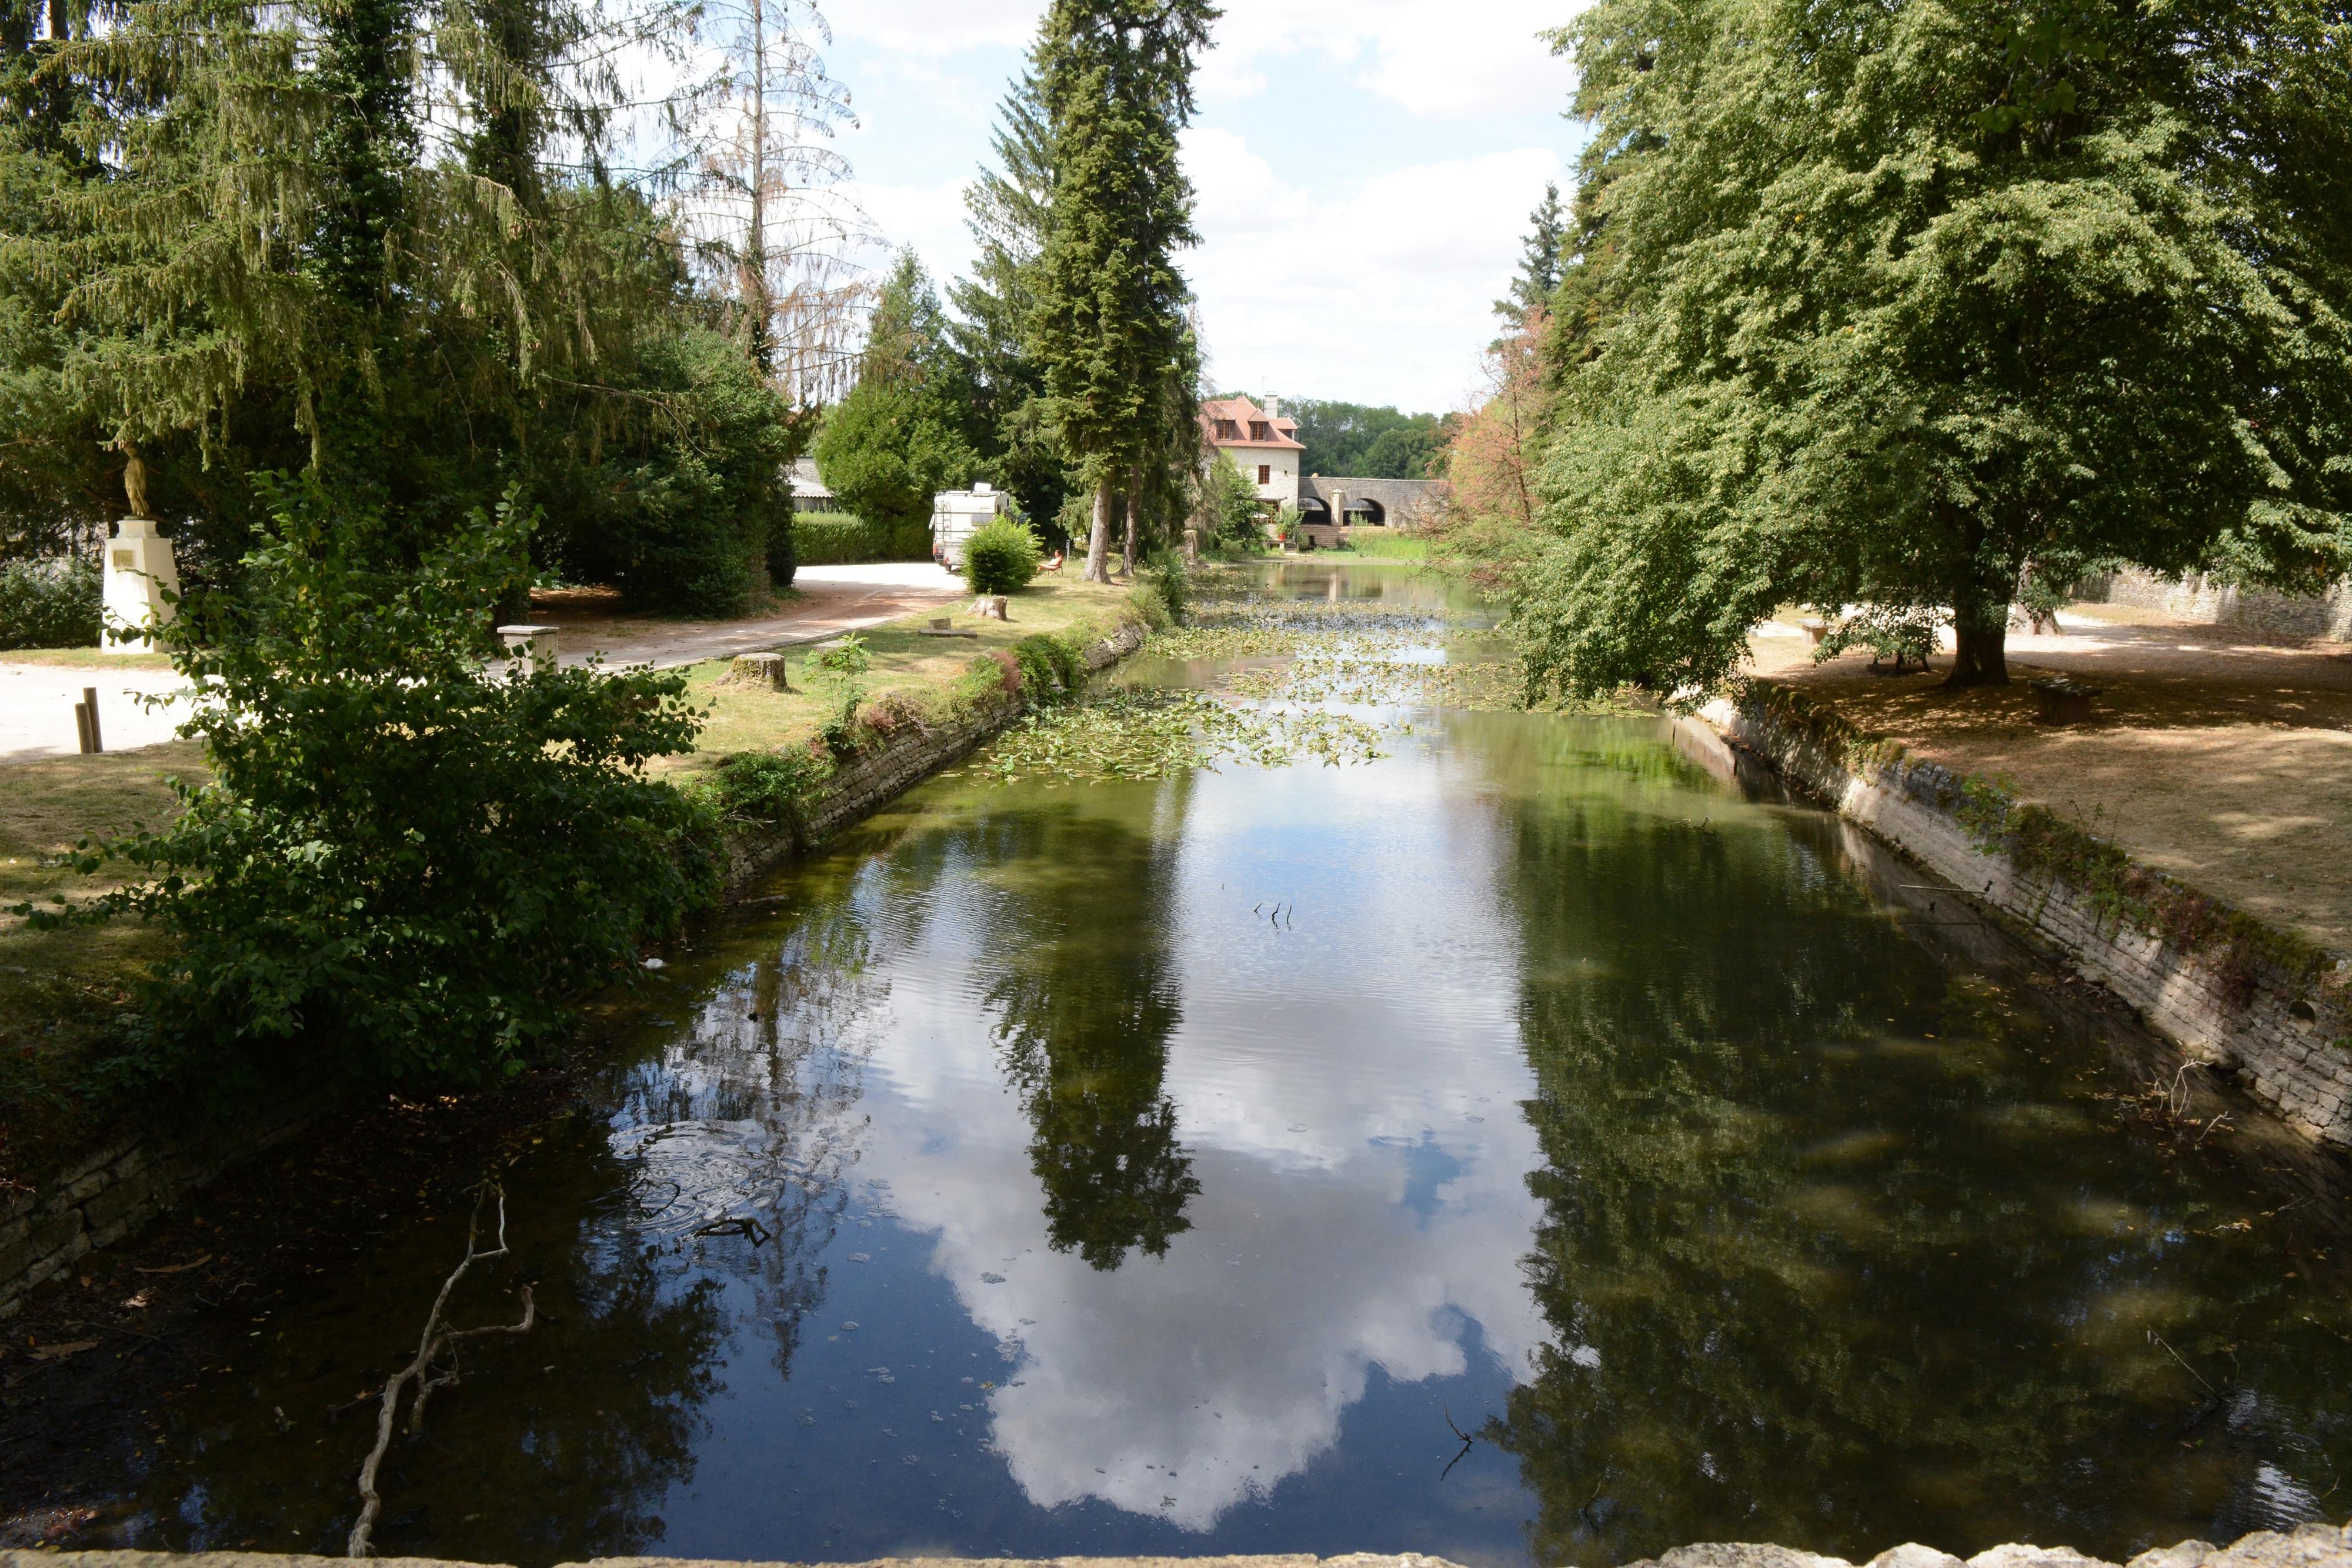 Remontez Rue du Pont Vert : belle vue sur le moulin à farine et sa roue à auget (17e s.)